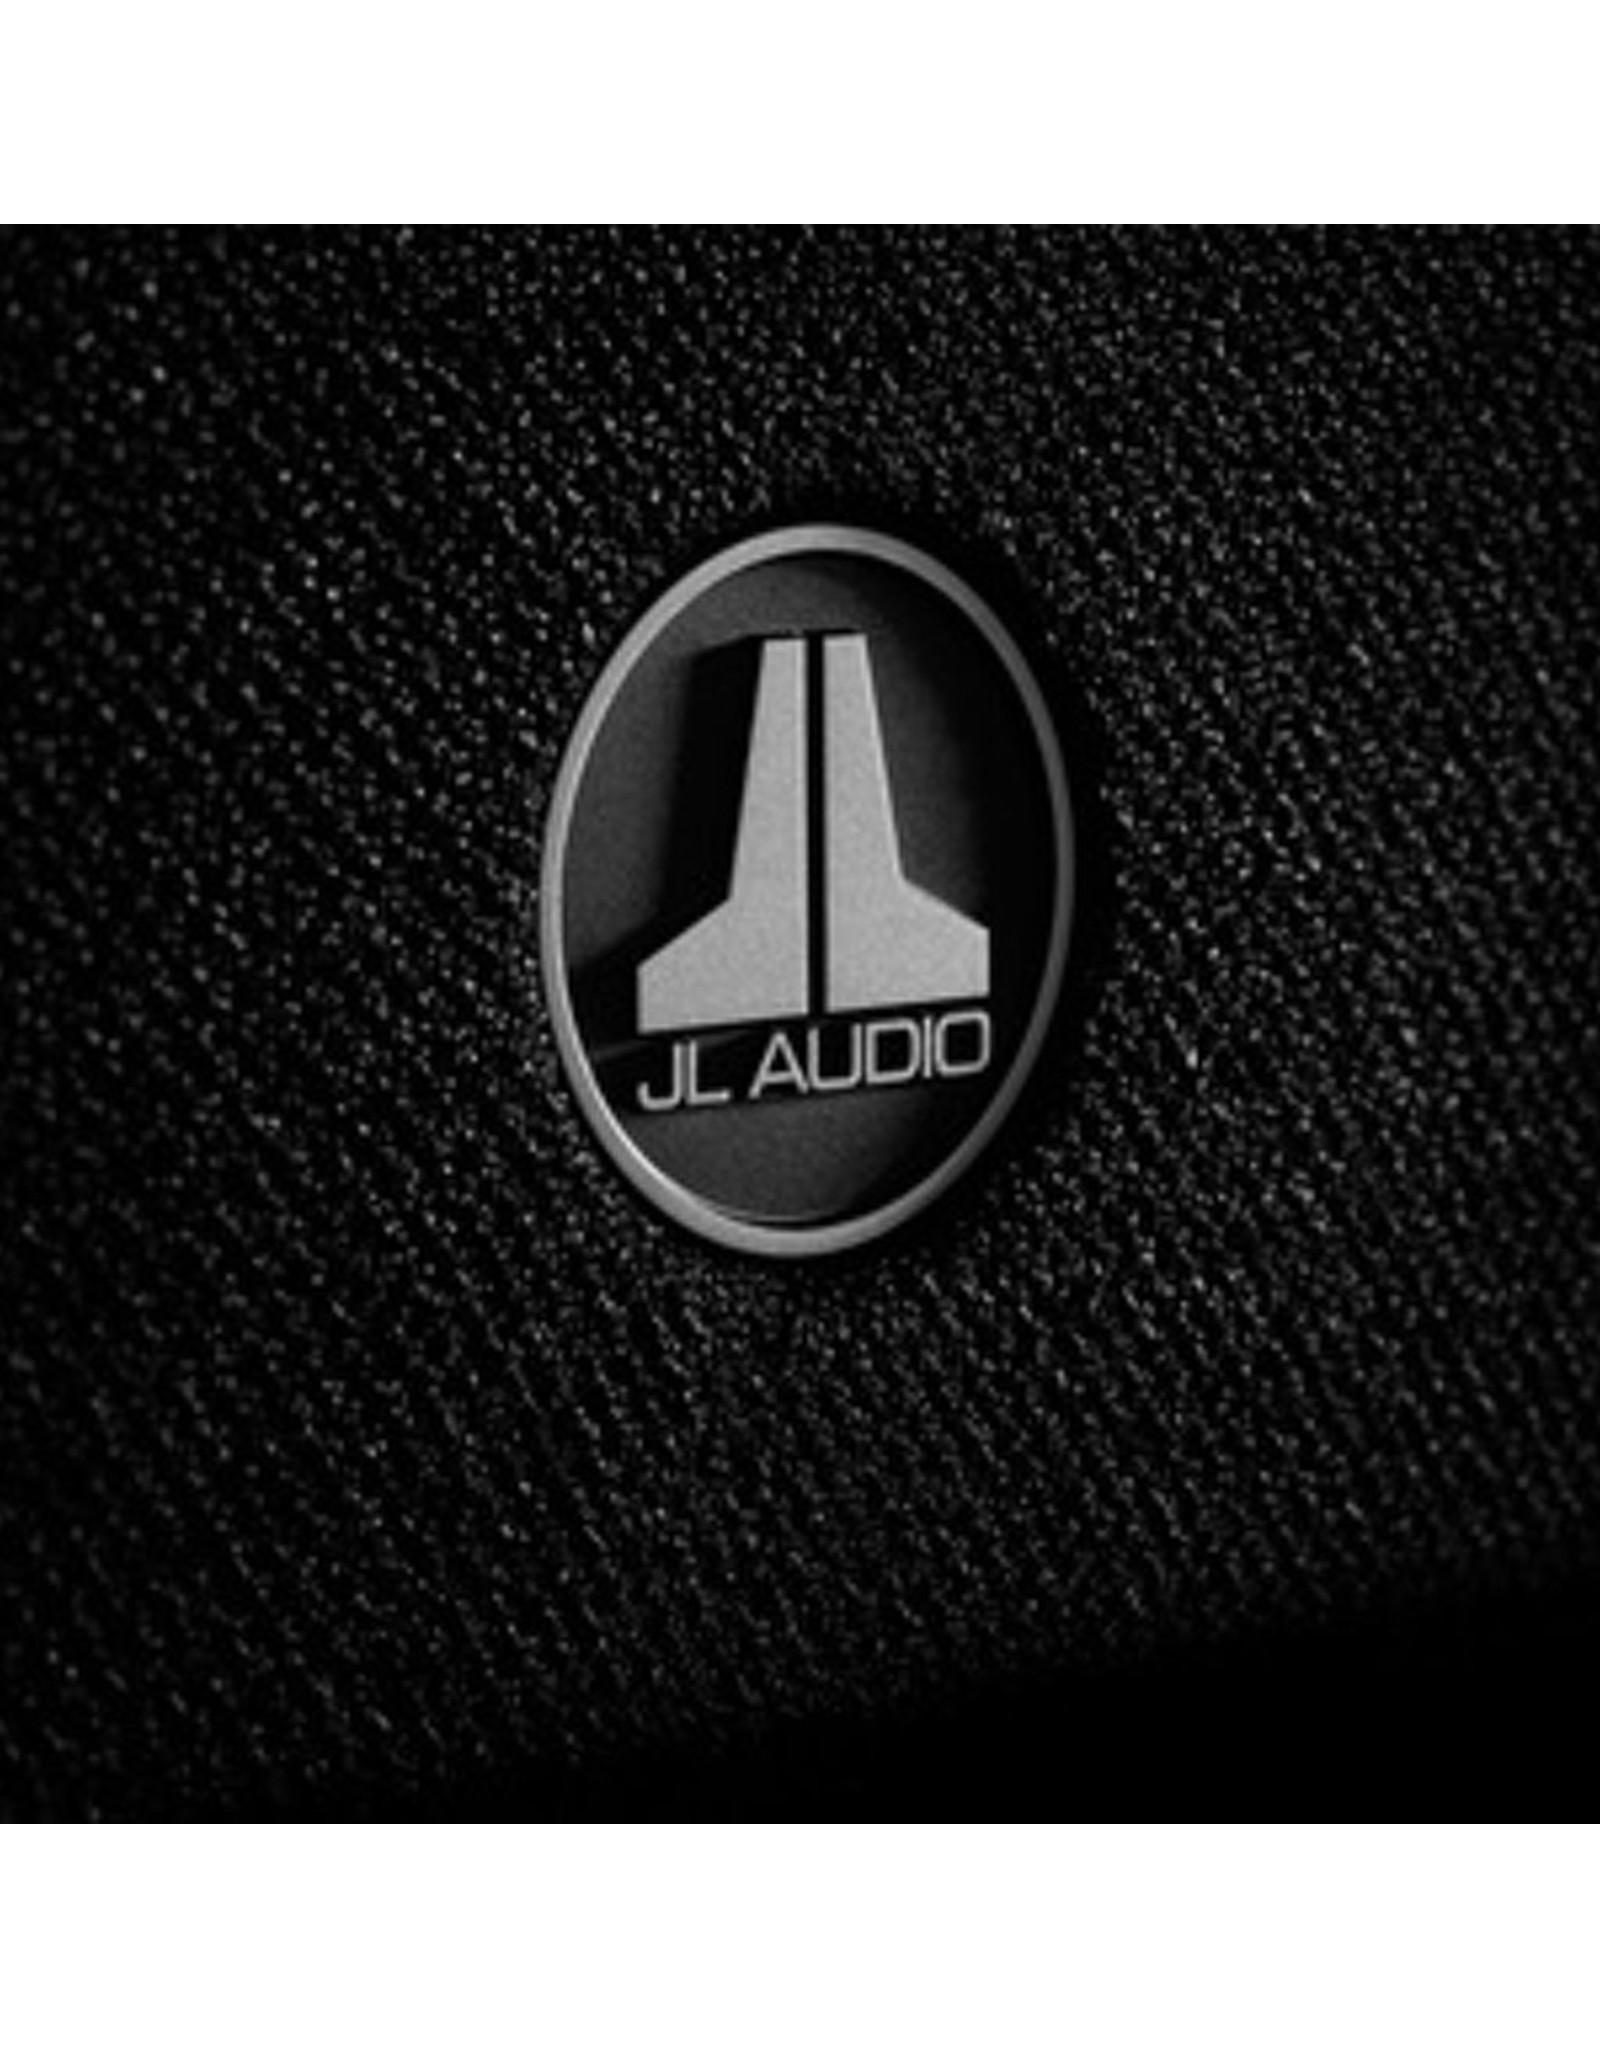 JL AUDIO d108 Ash